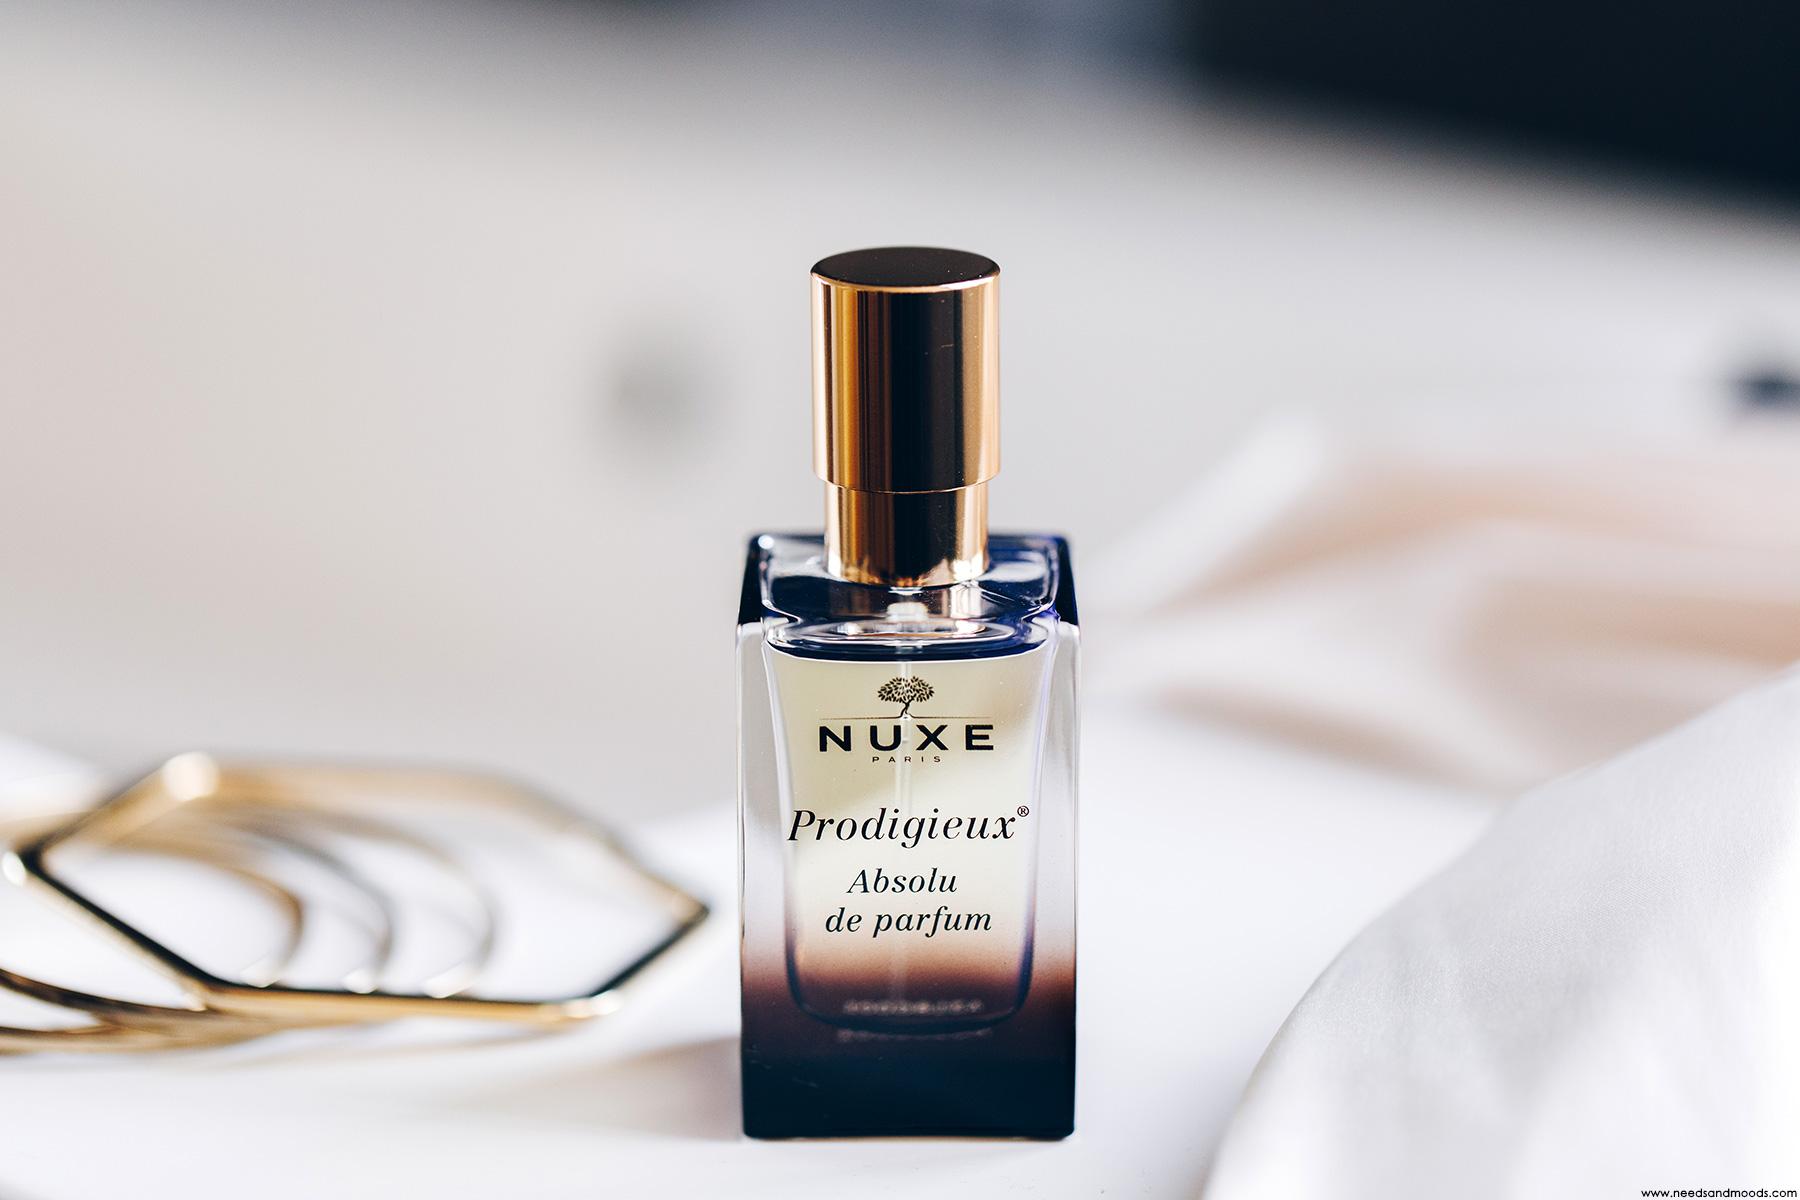 prodigieux absolu parfum nuxe avis